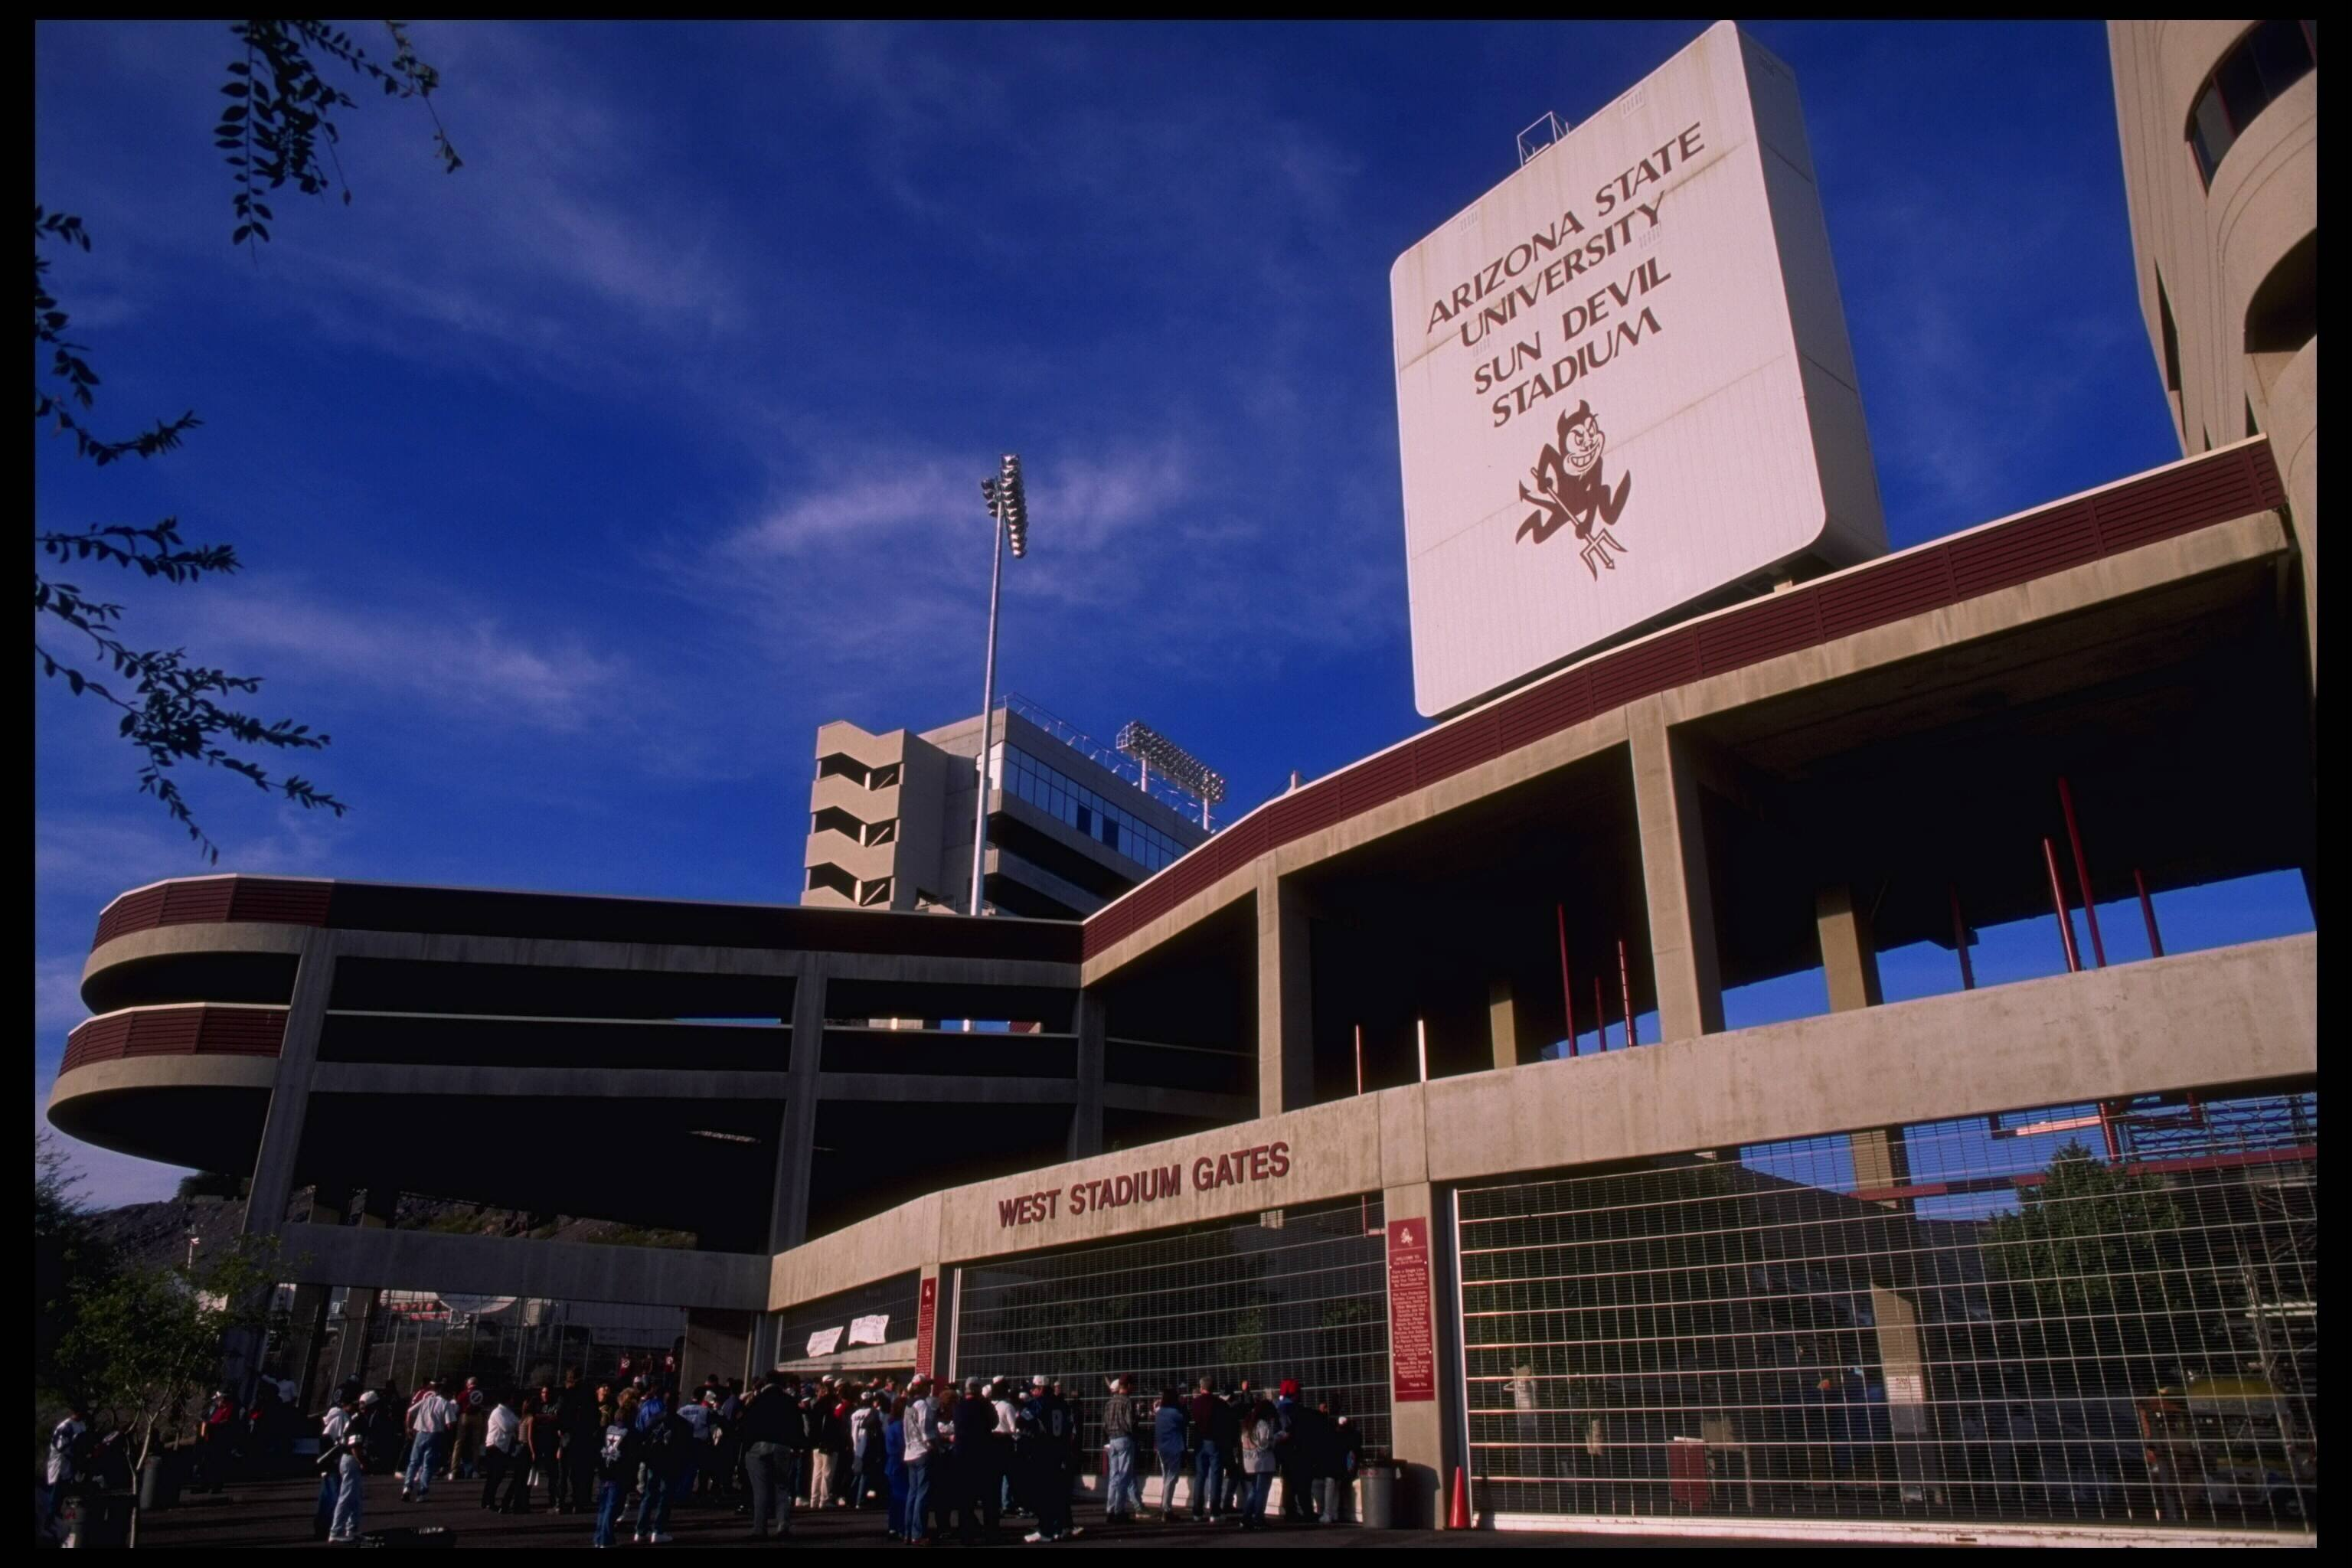 Sun Devil Stadium in Tempe, Arizona